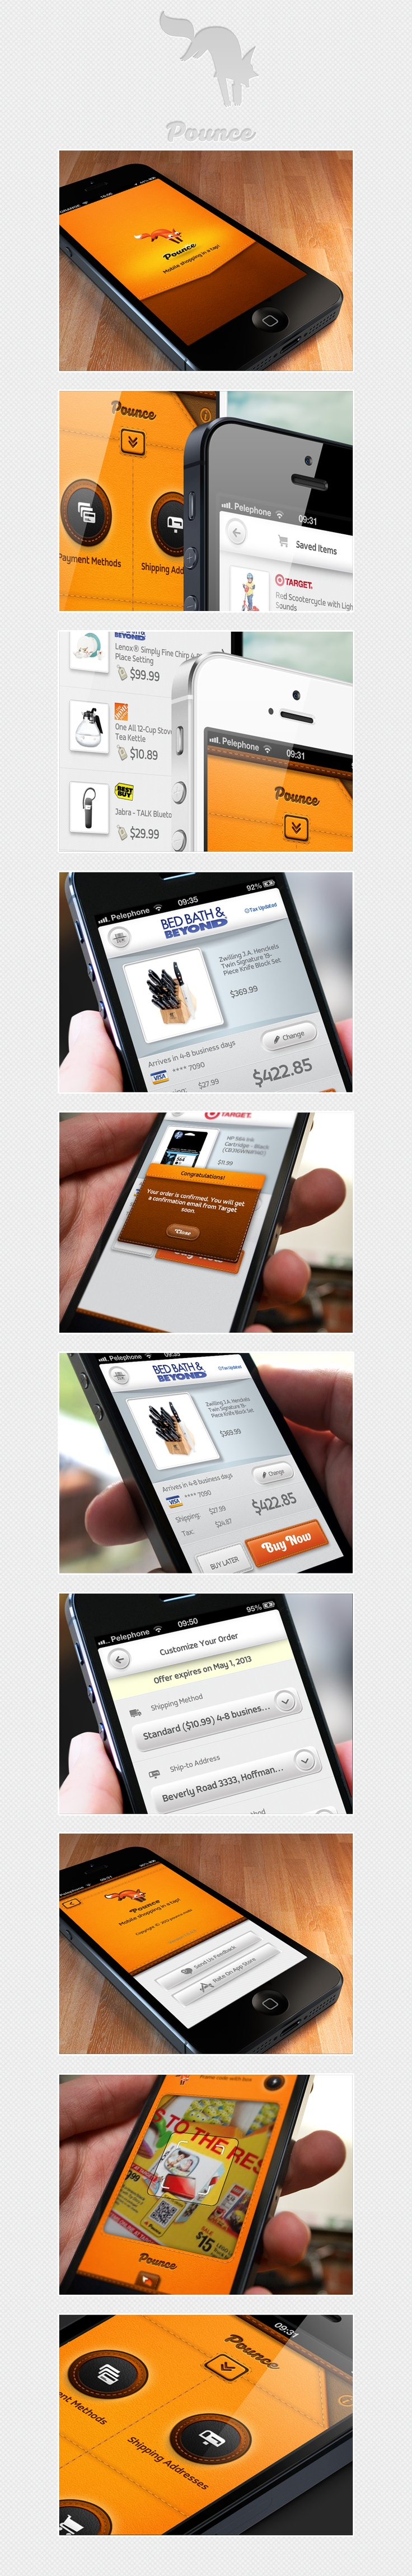 Pounce: 1-Tap shopping app